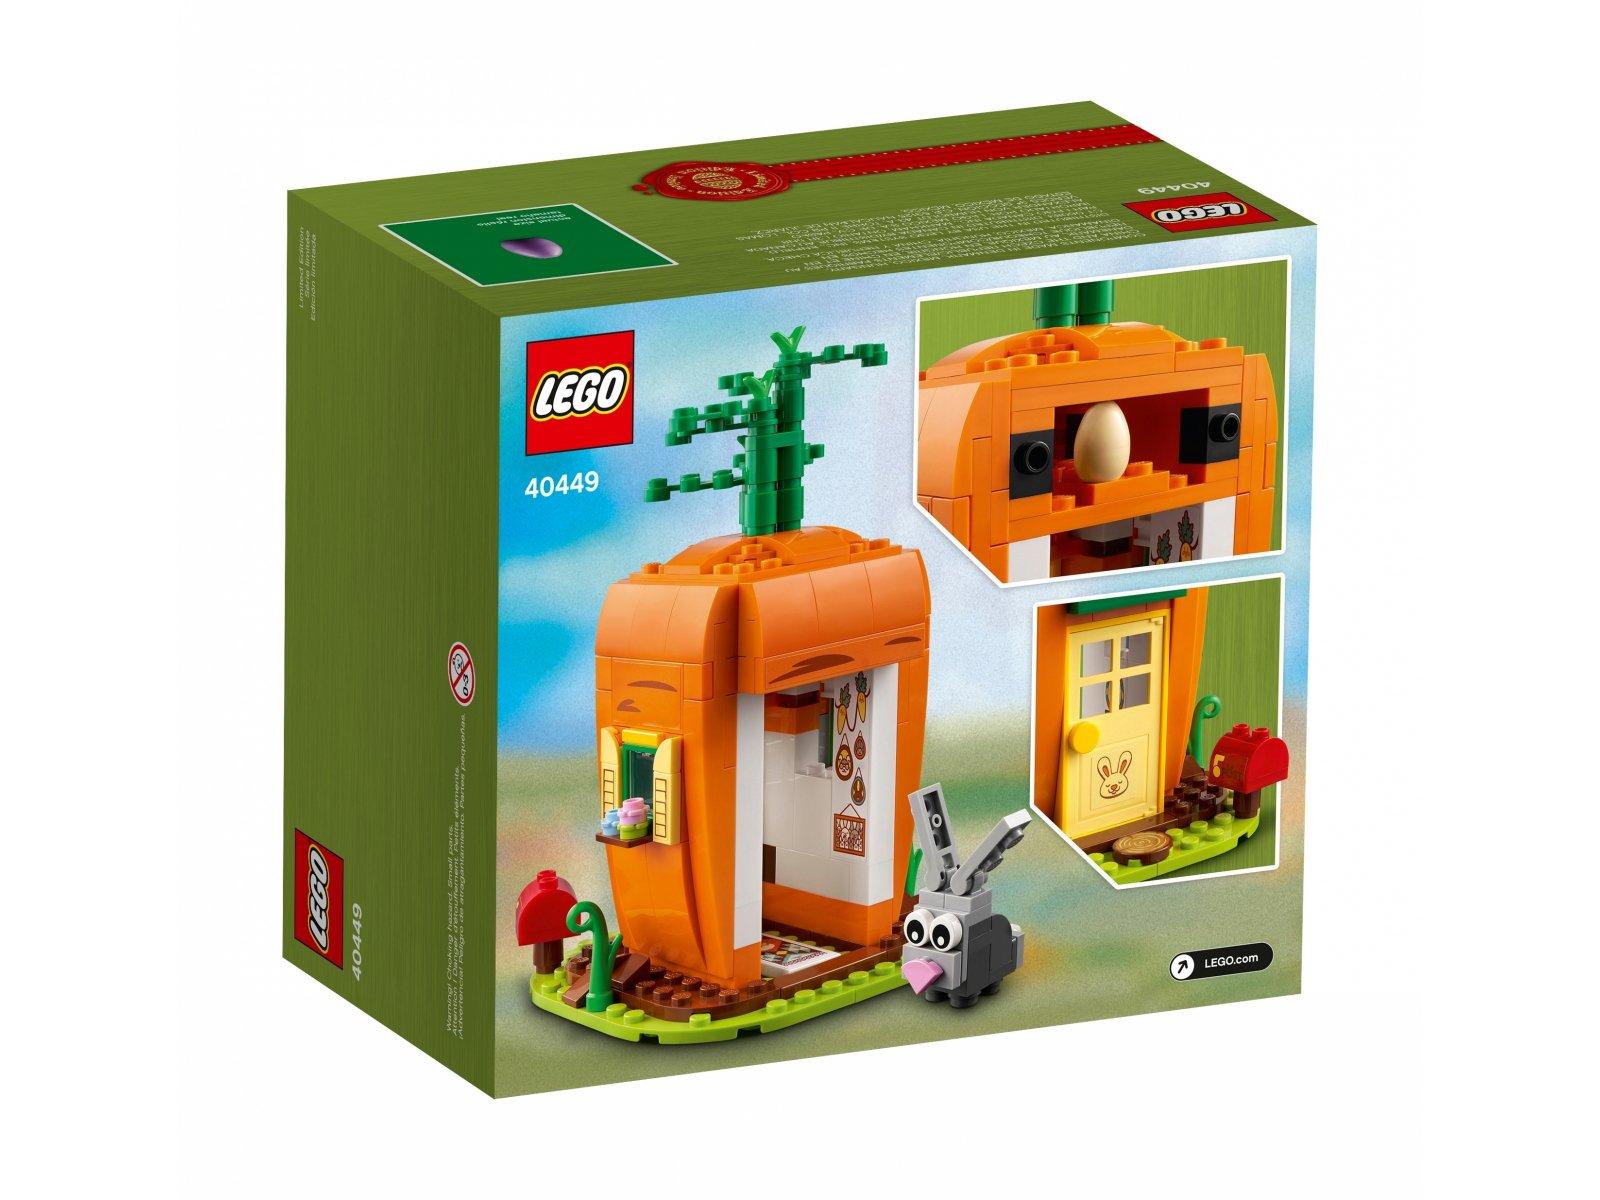 LEGO 40449 Marchewkowy domek zajączka wielkanocnego